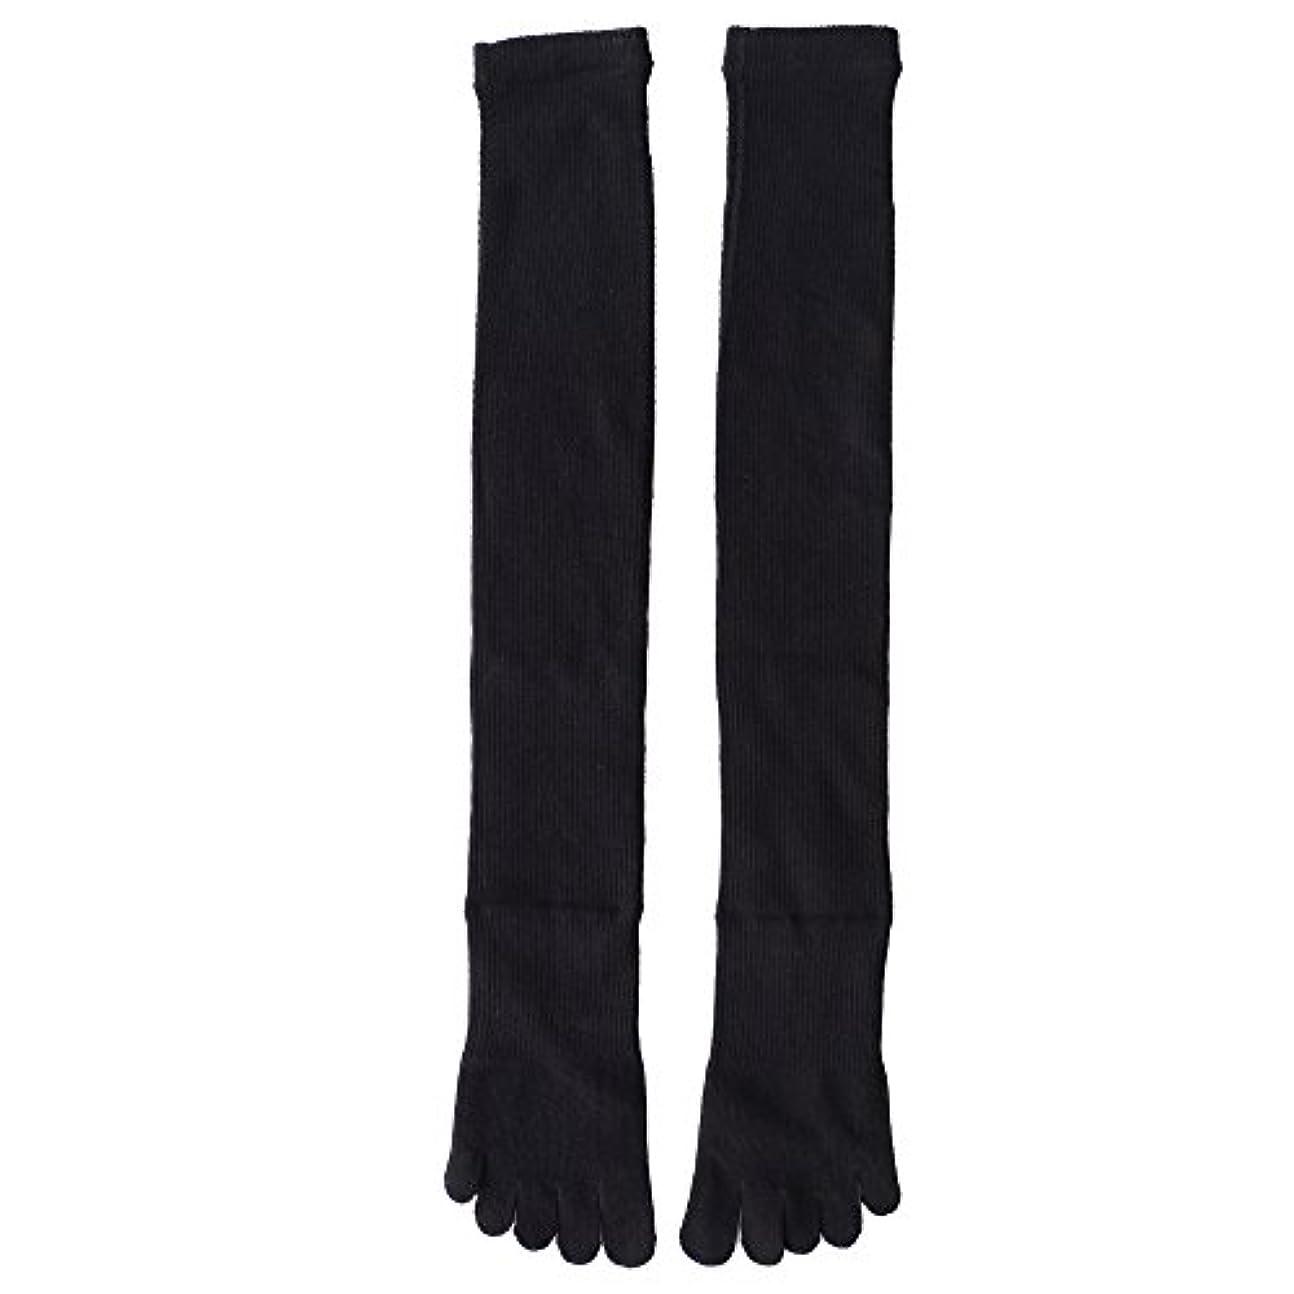 体細胞失望させる取るに足らない日本製靴下 5本指 着圧オーバニーハイソックス